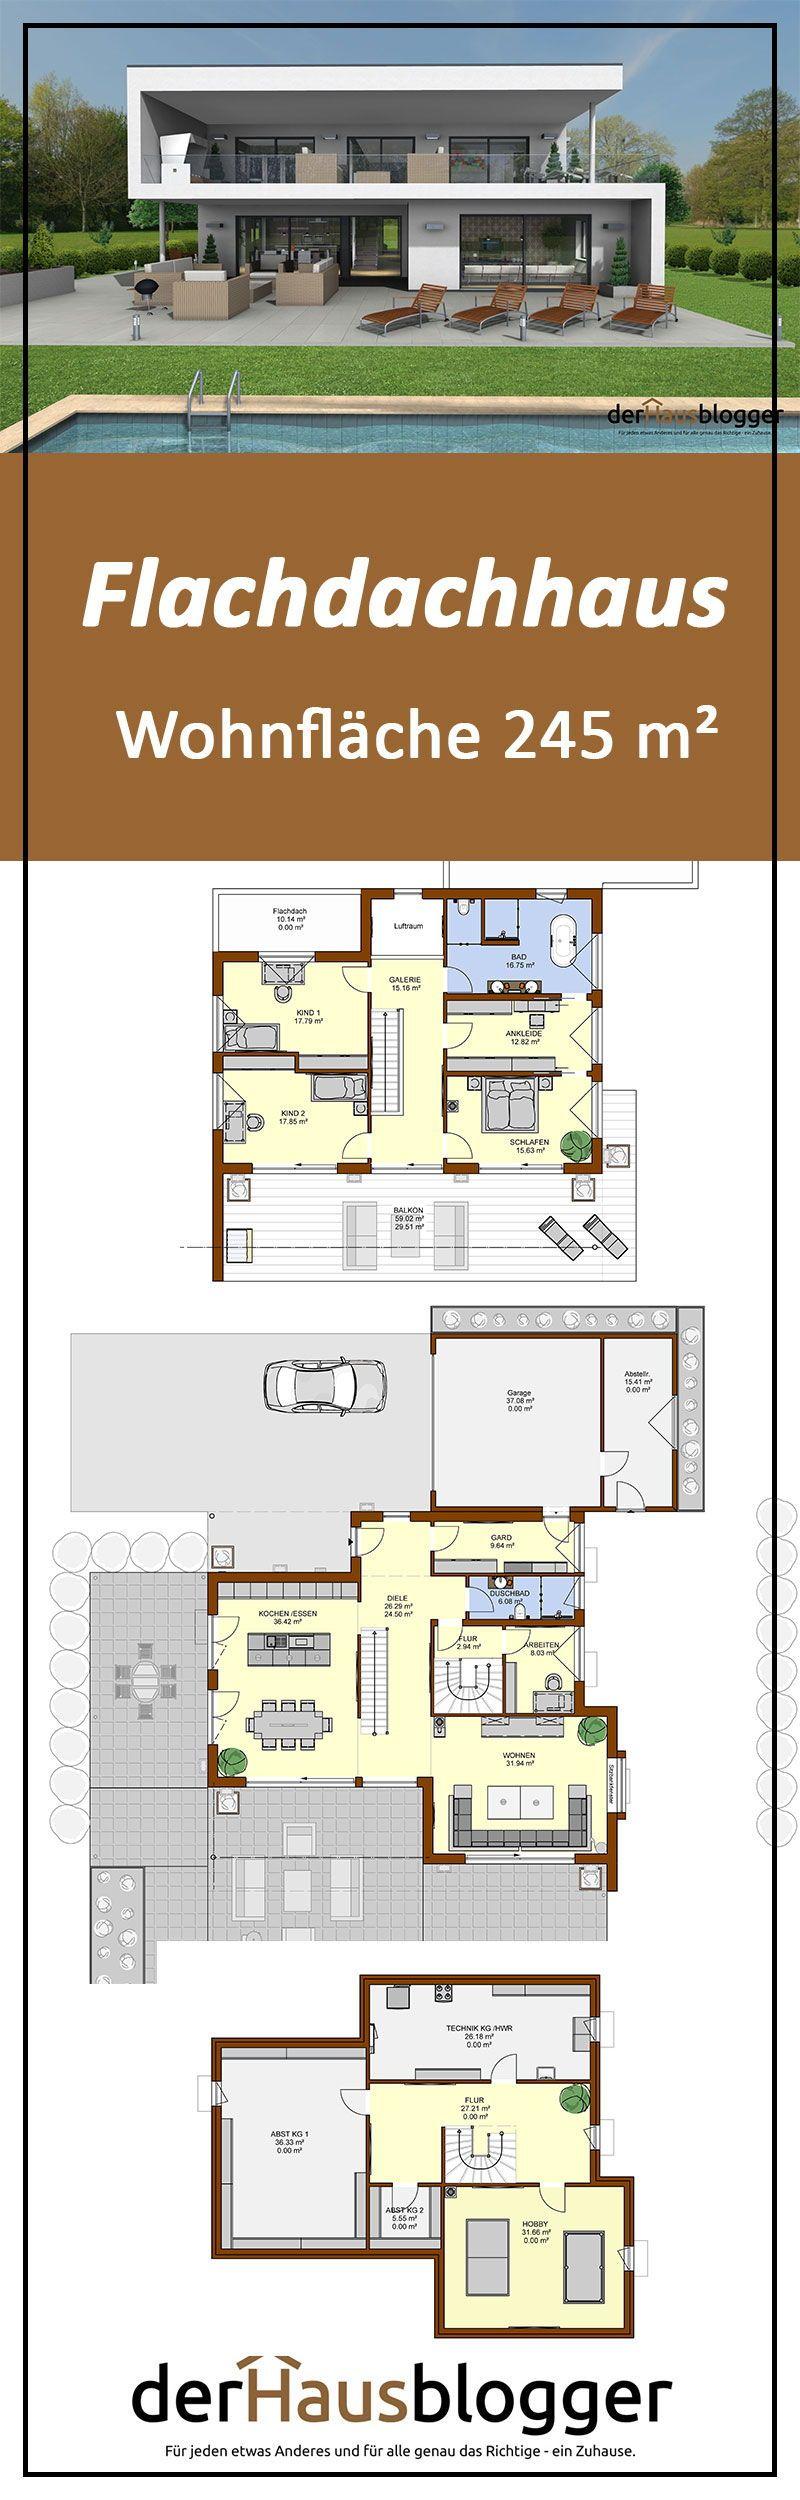 Flachdachhaus 245m² #arquitectonico